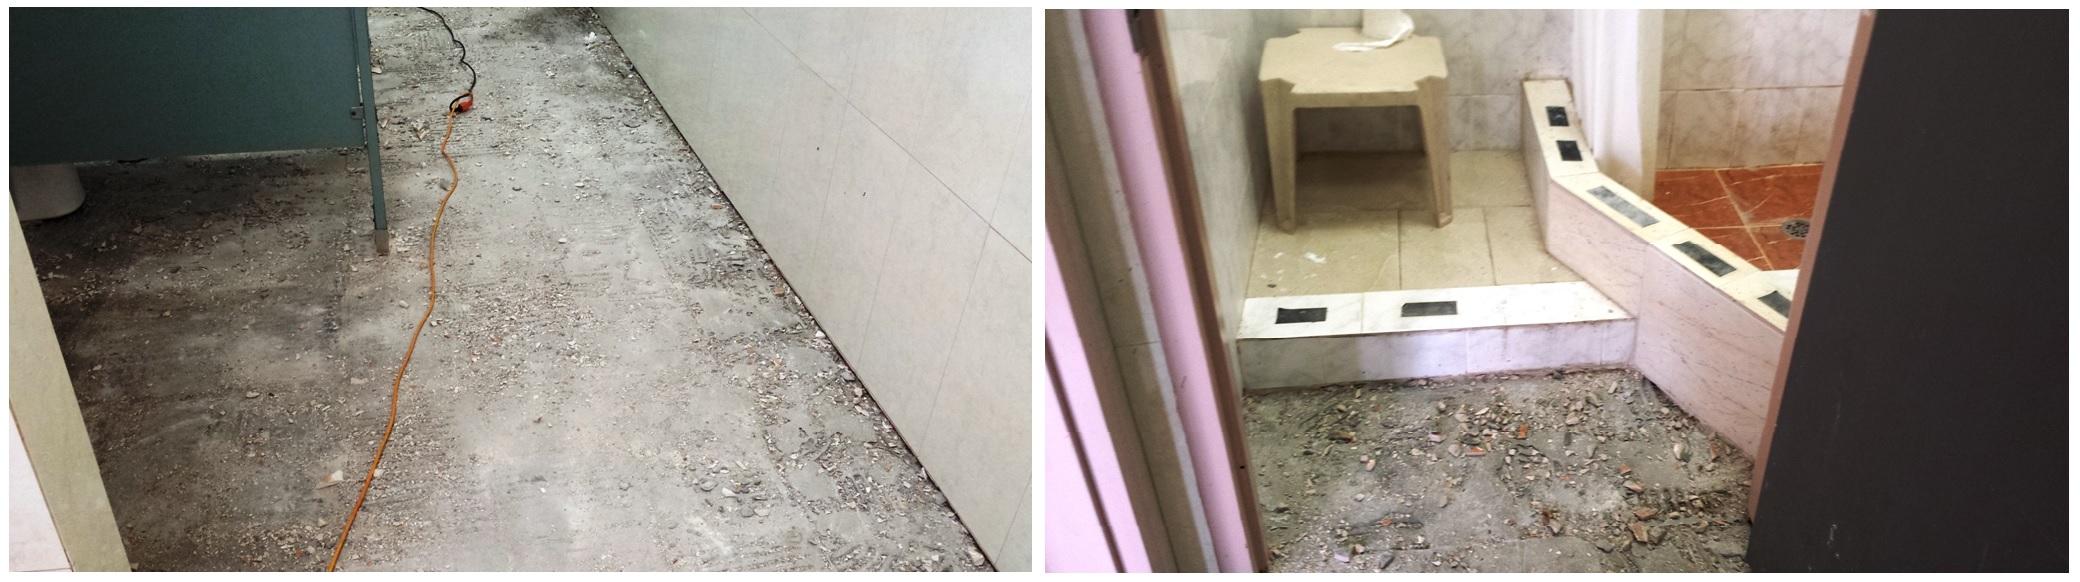 การซ่อมแซมห้องน้ำ สาธารณะ